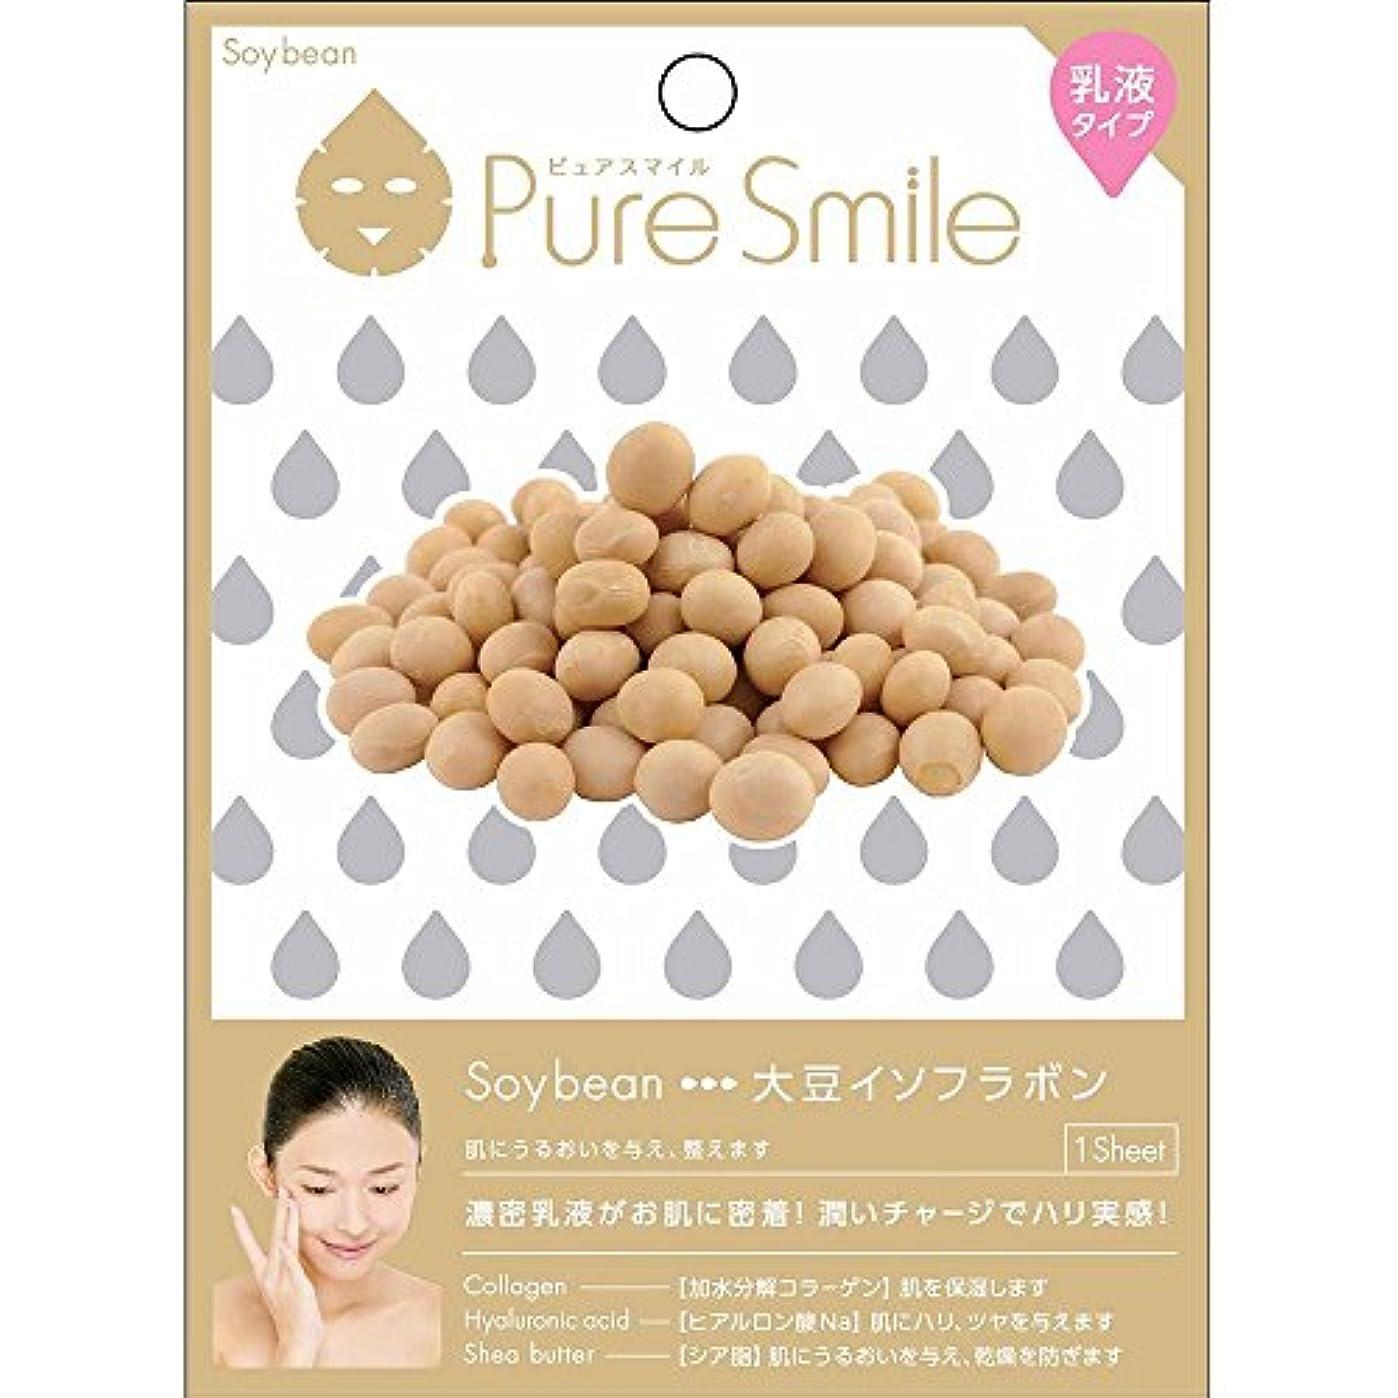 指定するラリー近々Pure Smile(ピュアスマイル) 乳液エッセンスマスク 1 枚 大豆イソフラボン